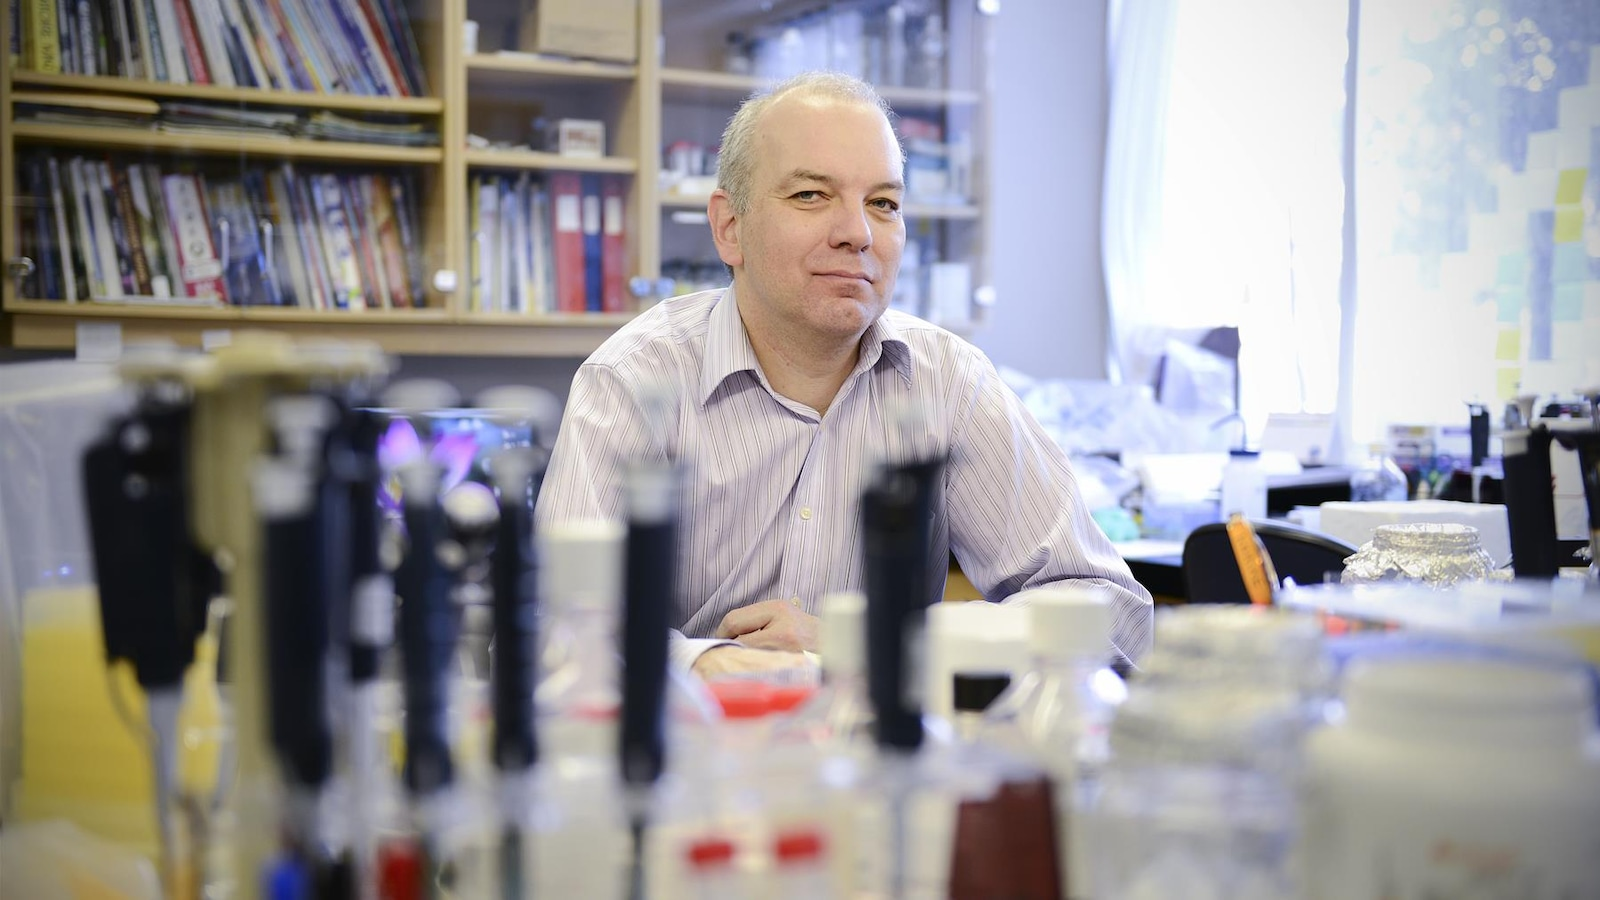 Daniel Sinnett, chercheur au Centre de cancérologie Charles-Bruneau du CHU Sainte-Justine